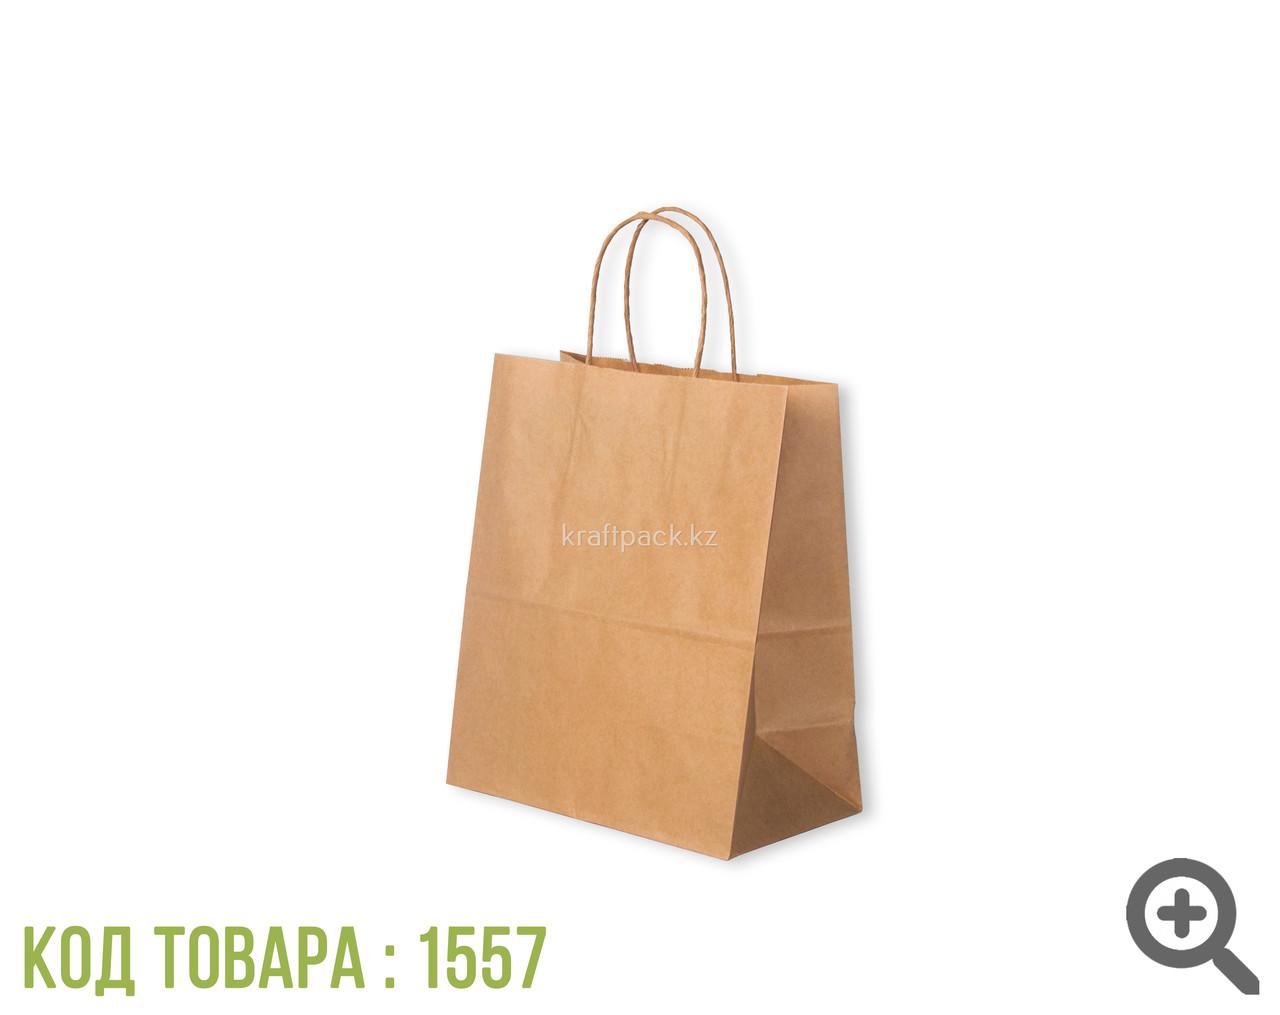 Бумажный крафт пакет, бурый с крученной ручкой 70гр 220*120*250 (250шт/уп)